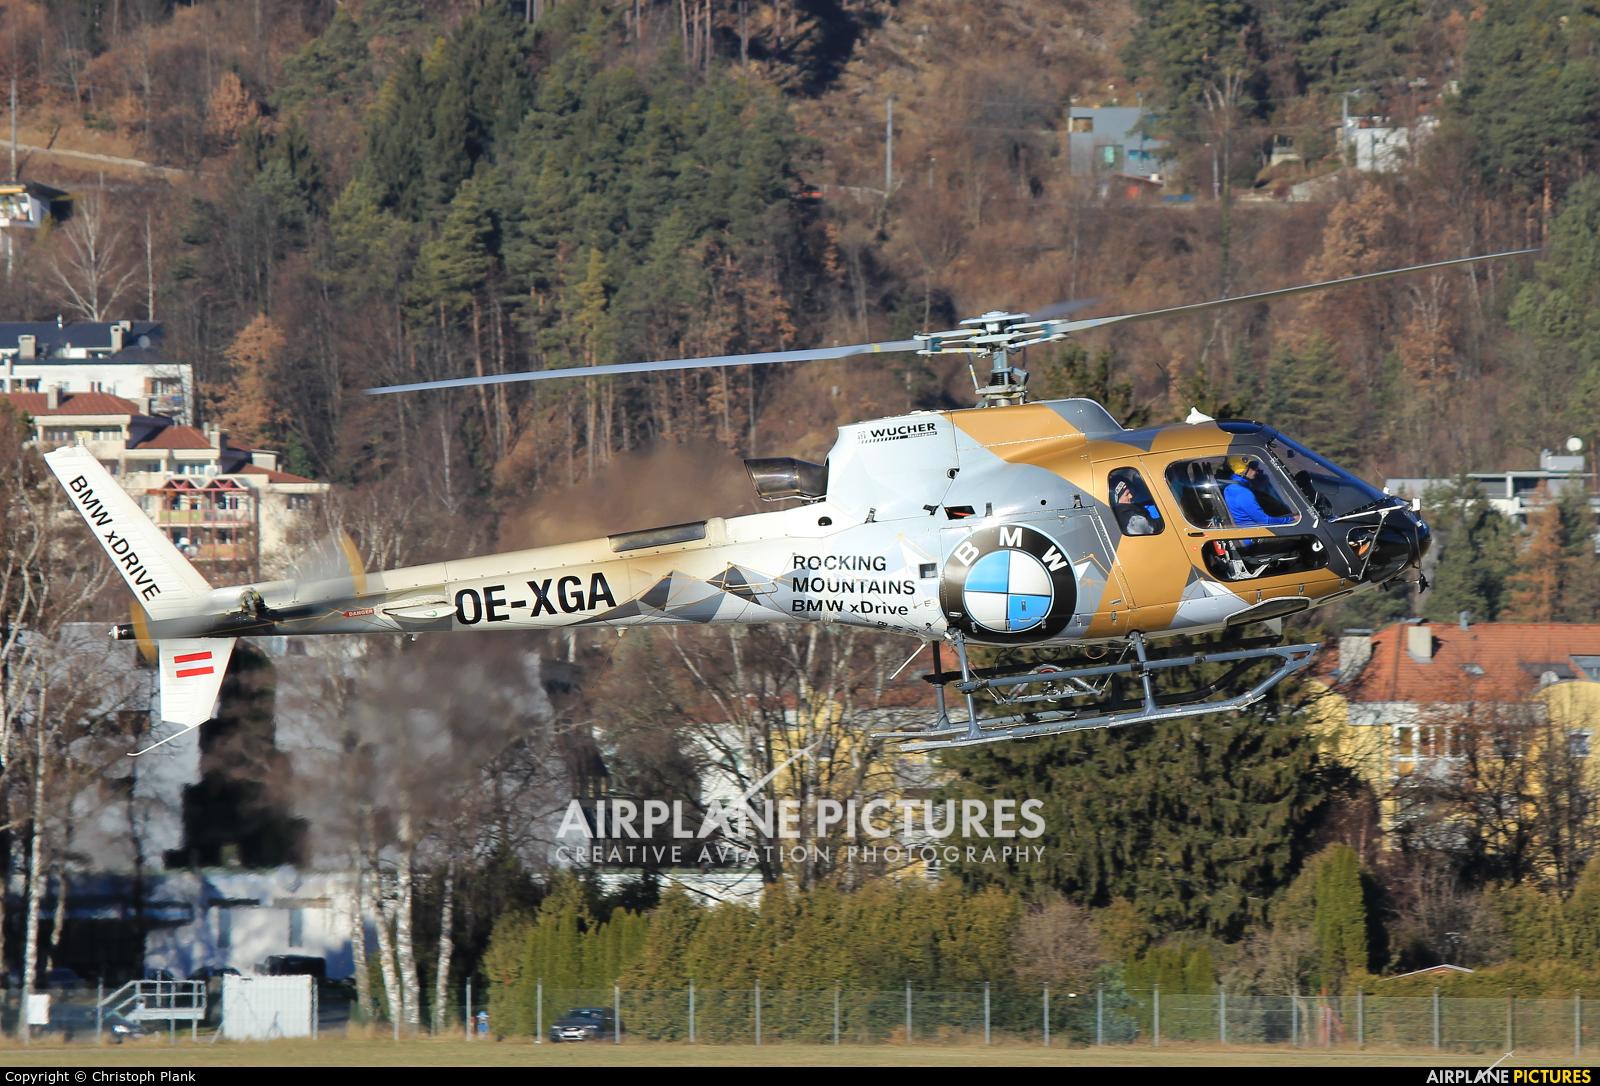 Wucher Helicopter OE-XGA aircraft at Innsbruck